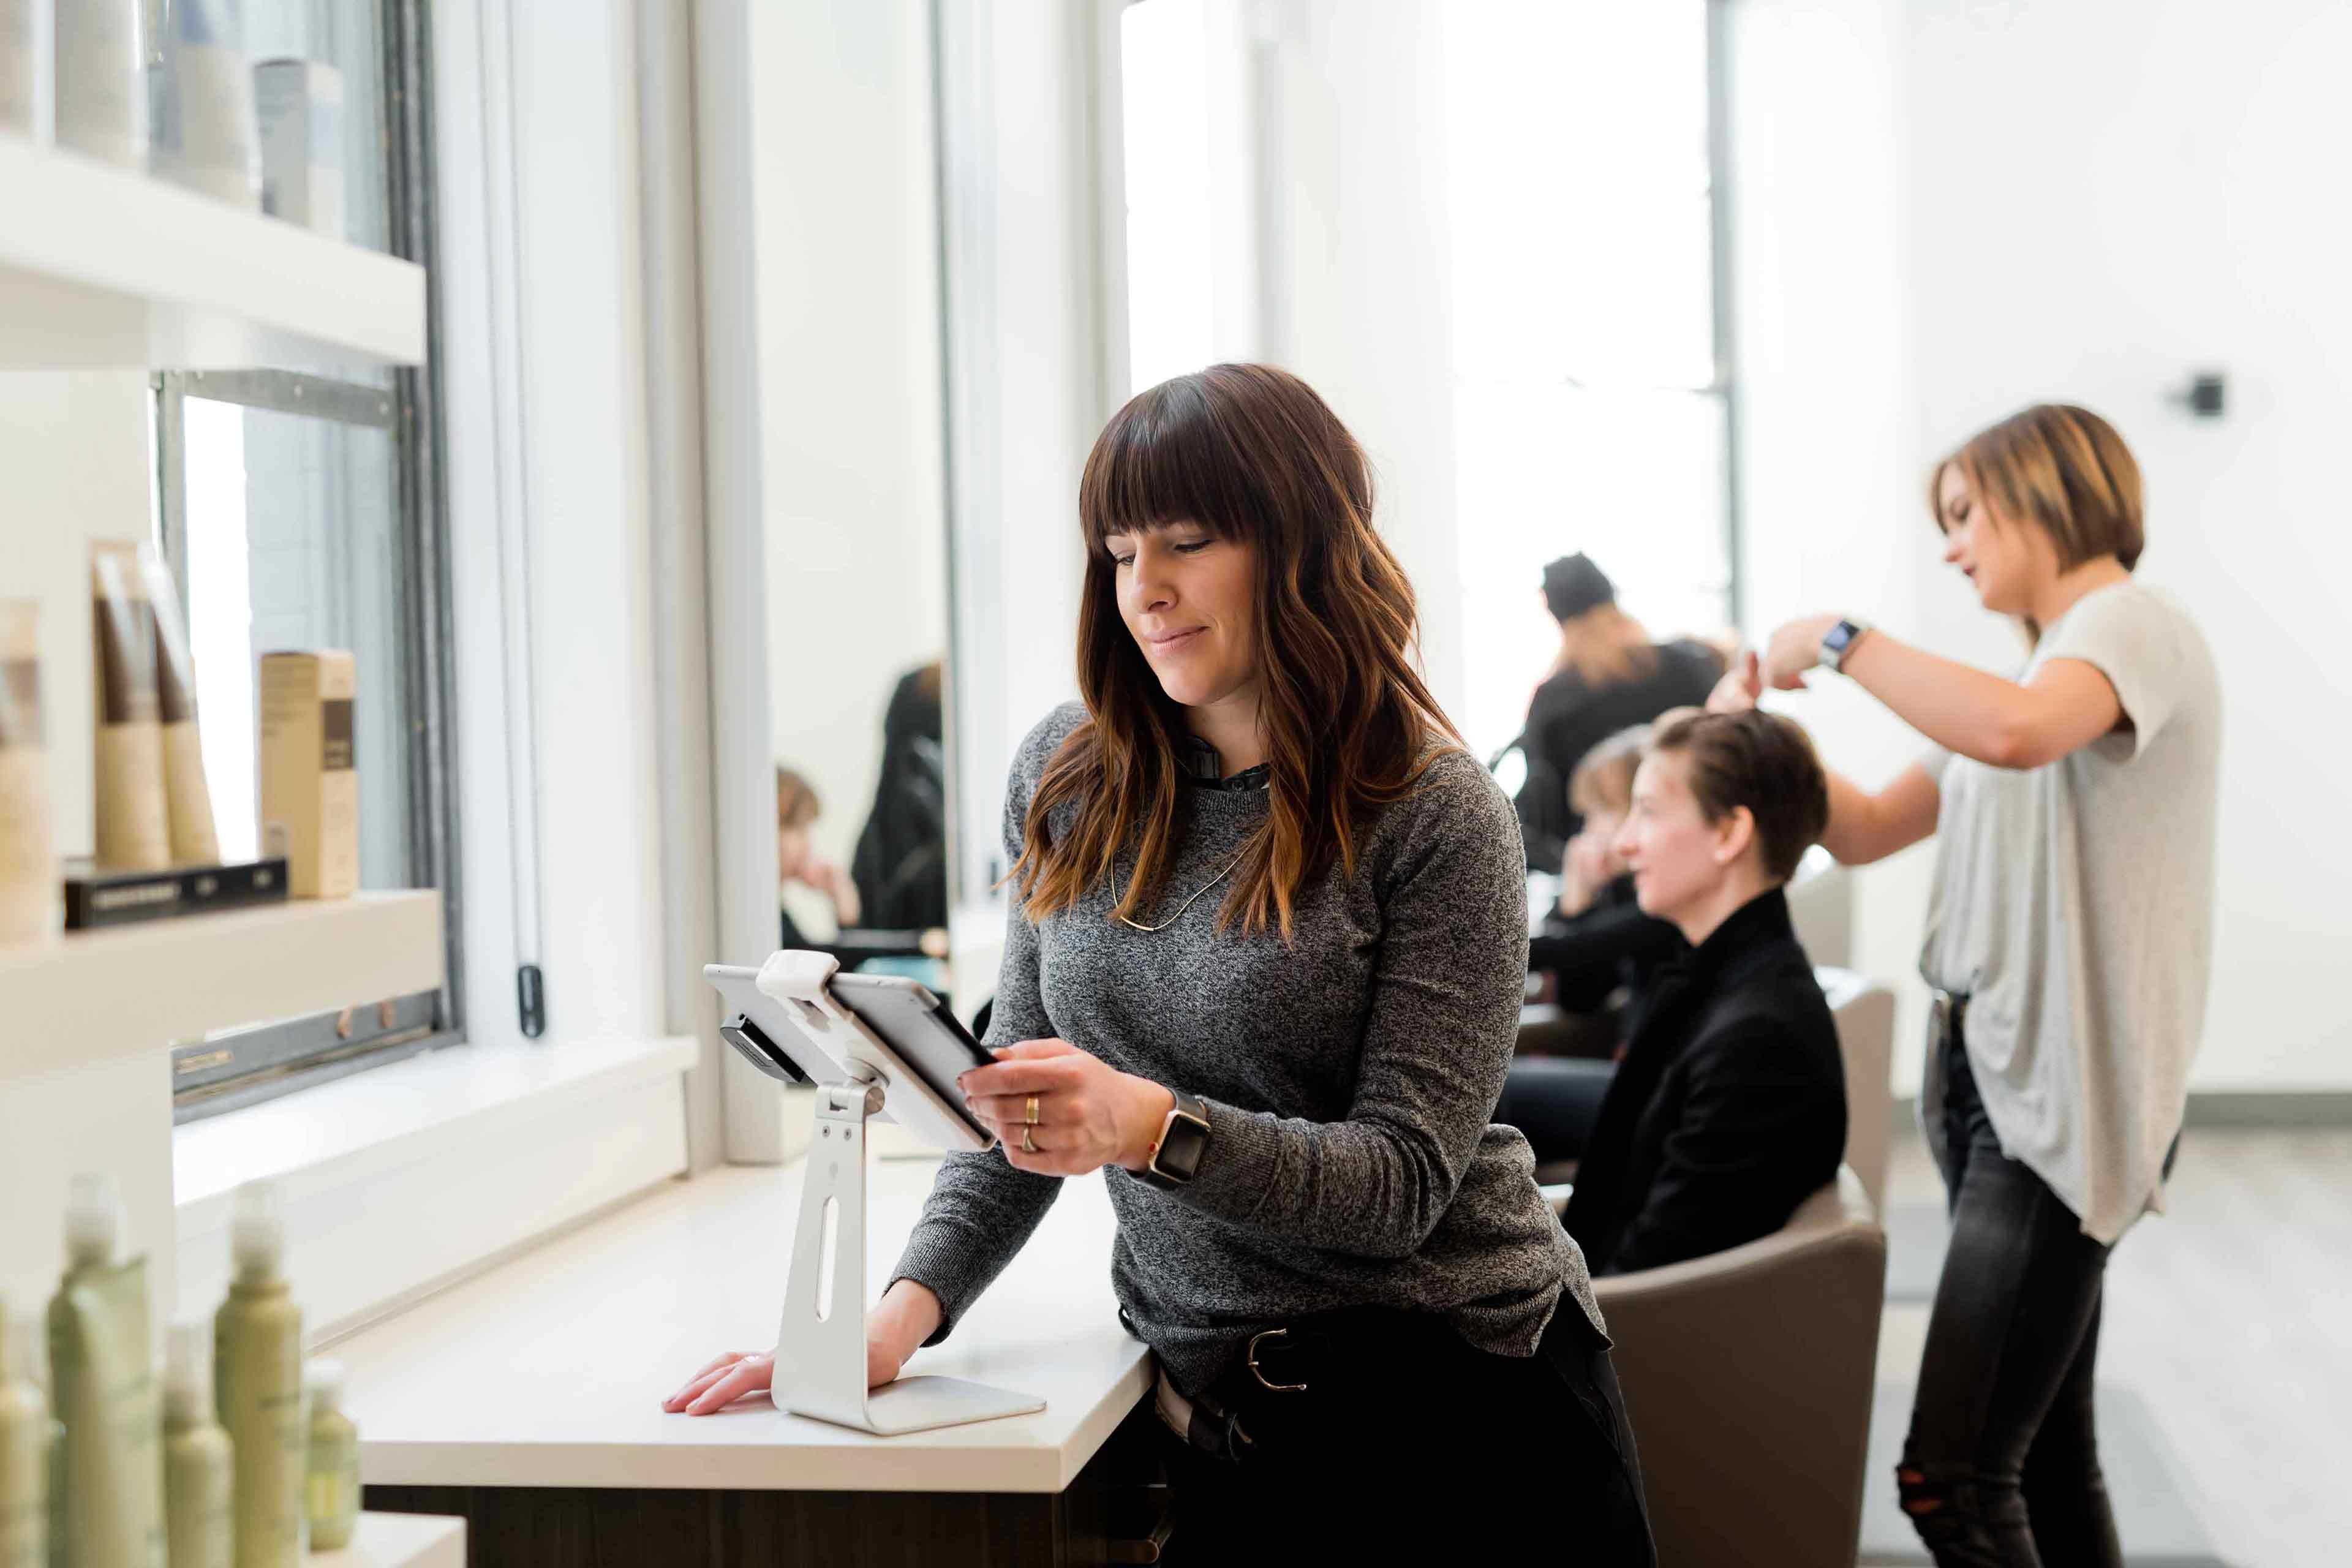 미용실에서 터치스크린 모바일 장치를 사용해 소규모 비즈니스 성장을 촉진하는 사람